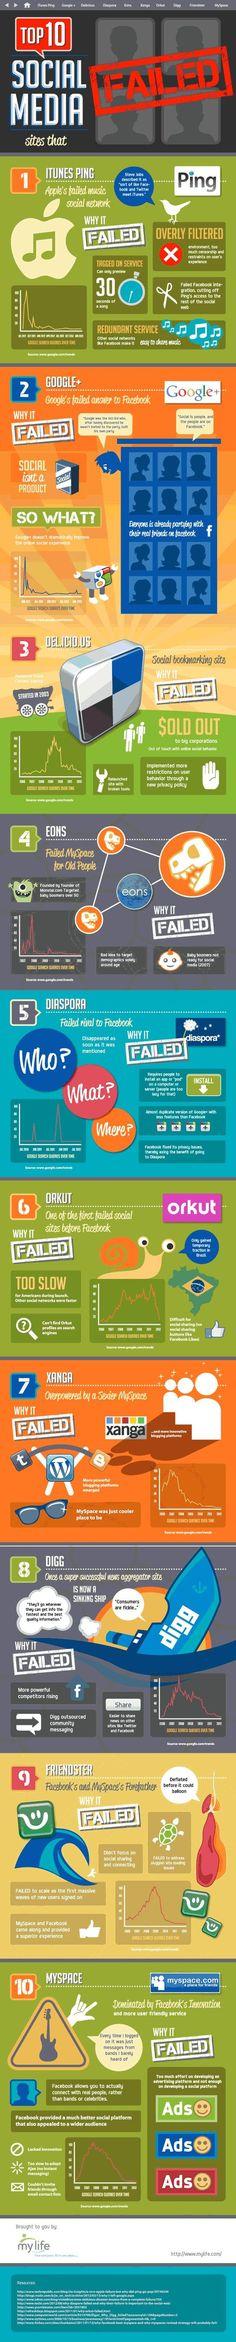 Top Failed Social Media Sites #infographic #socialmedia #fail #business #work